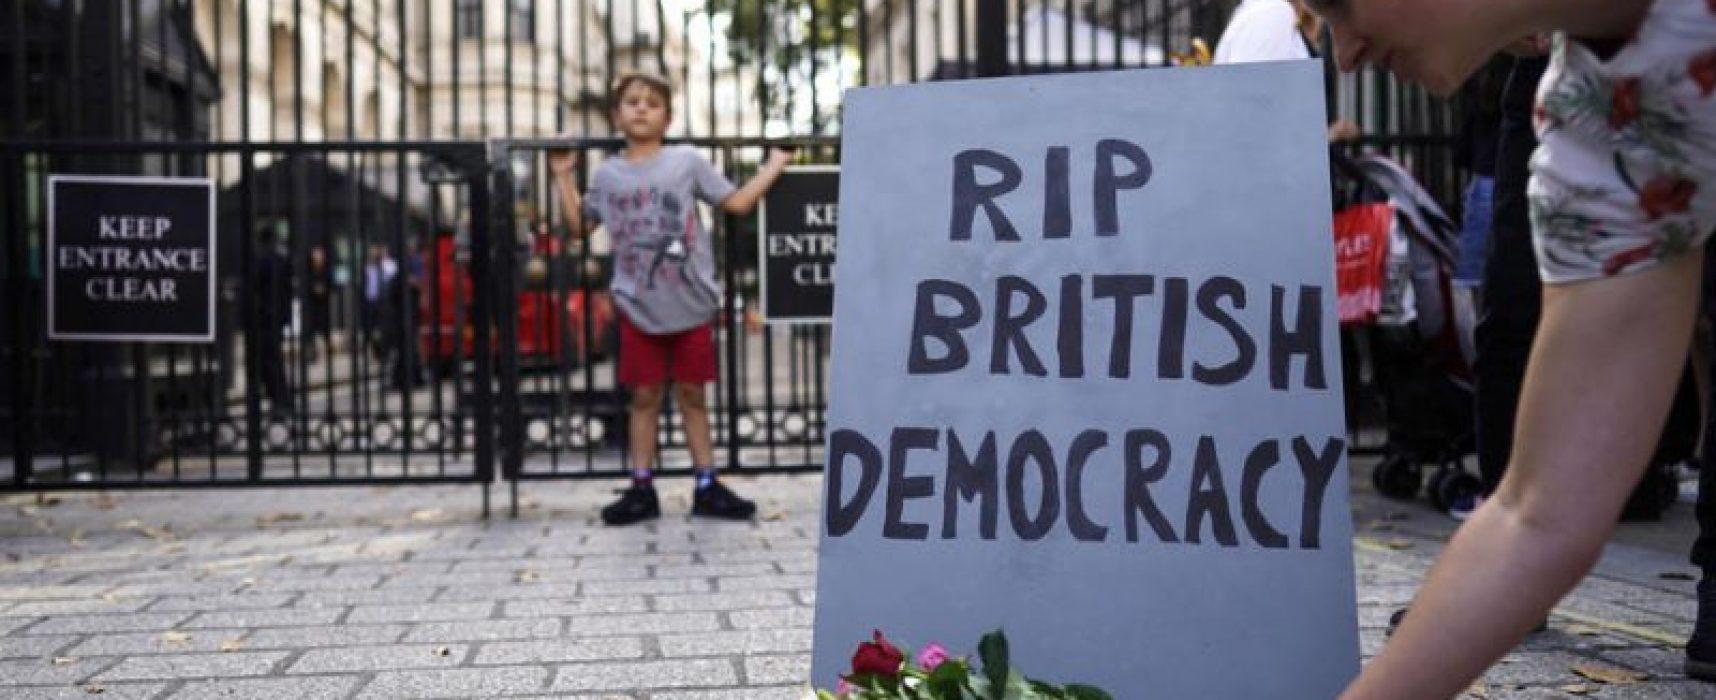 La collecte de données alimente les craintes du Royaume-Uni avant les élections